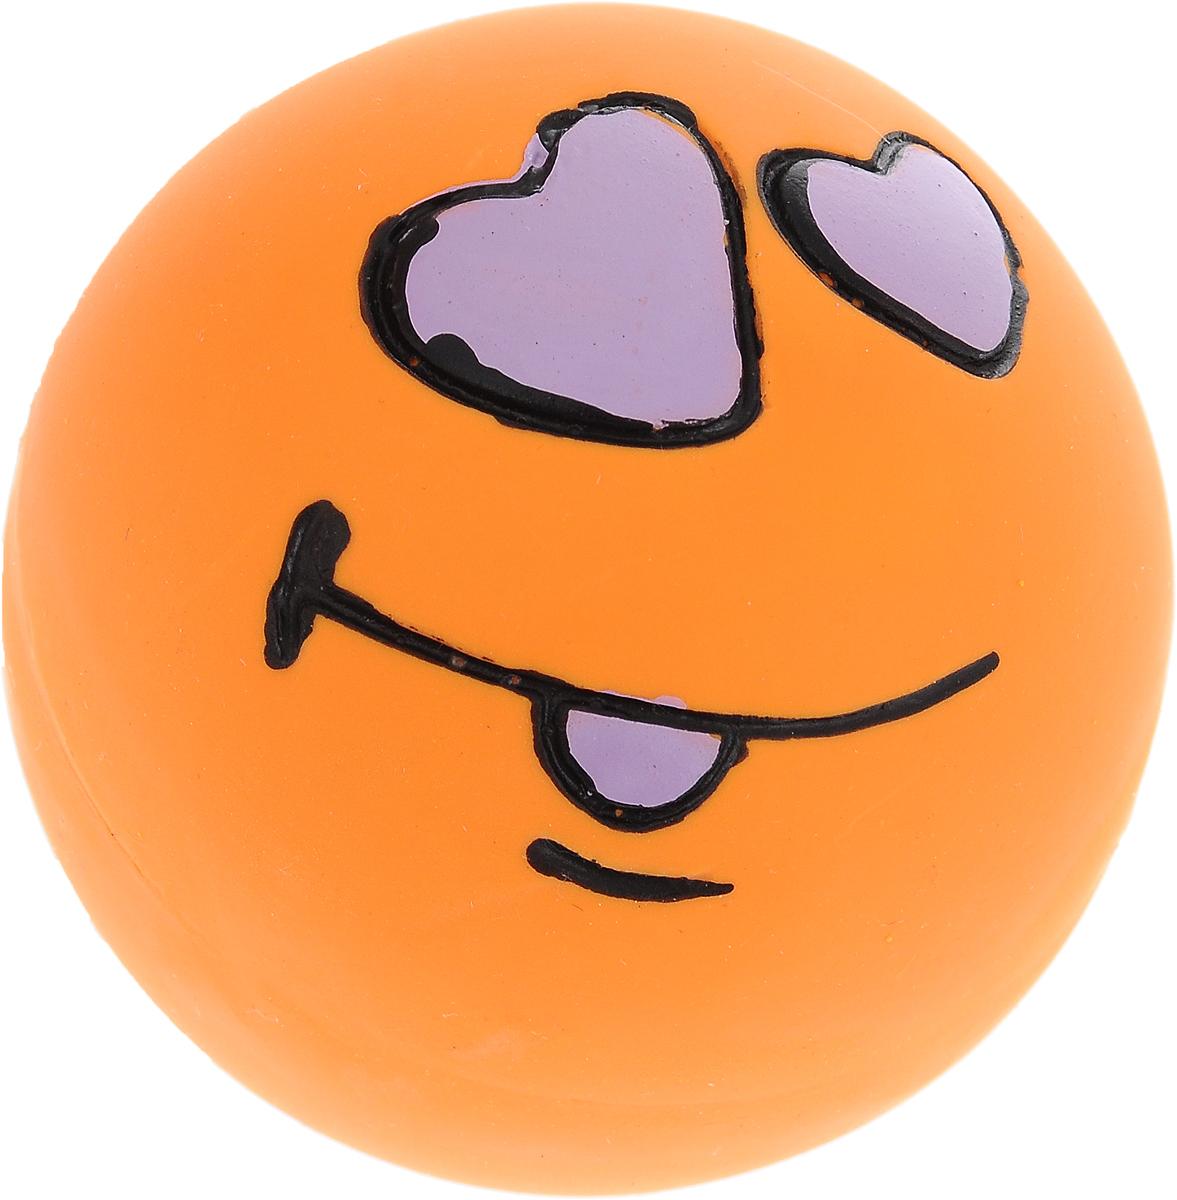 Игрушка для собак Dezzie Мяч. Любовь, с пищалкой, диаметр 6 см12171996Очаровательная игрушка Dezzie Мяч. Любовь обеспечит веселый досуг вашей собаке. Она безопасна для здоровья животного. Латекс не твердеет под действием желудочного сока, поэтому игрушку можно смело покупать даже самым маленьким щенкам. В мяч встроена пищалка. С такой игрушкой ваш питомец точно не будет скучать.Диаметр игрушки: 6 см.